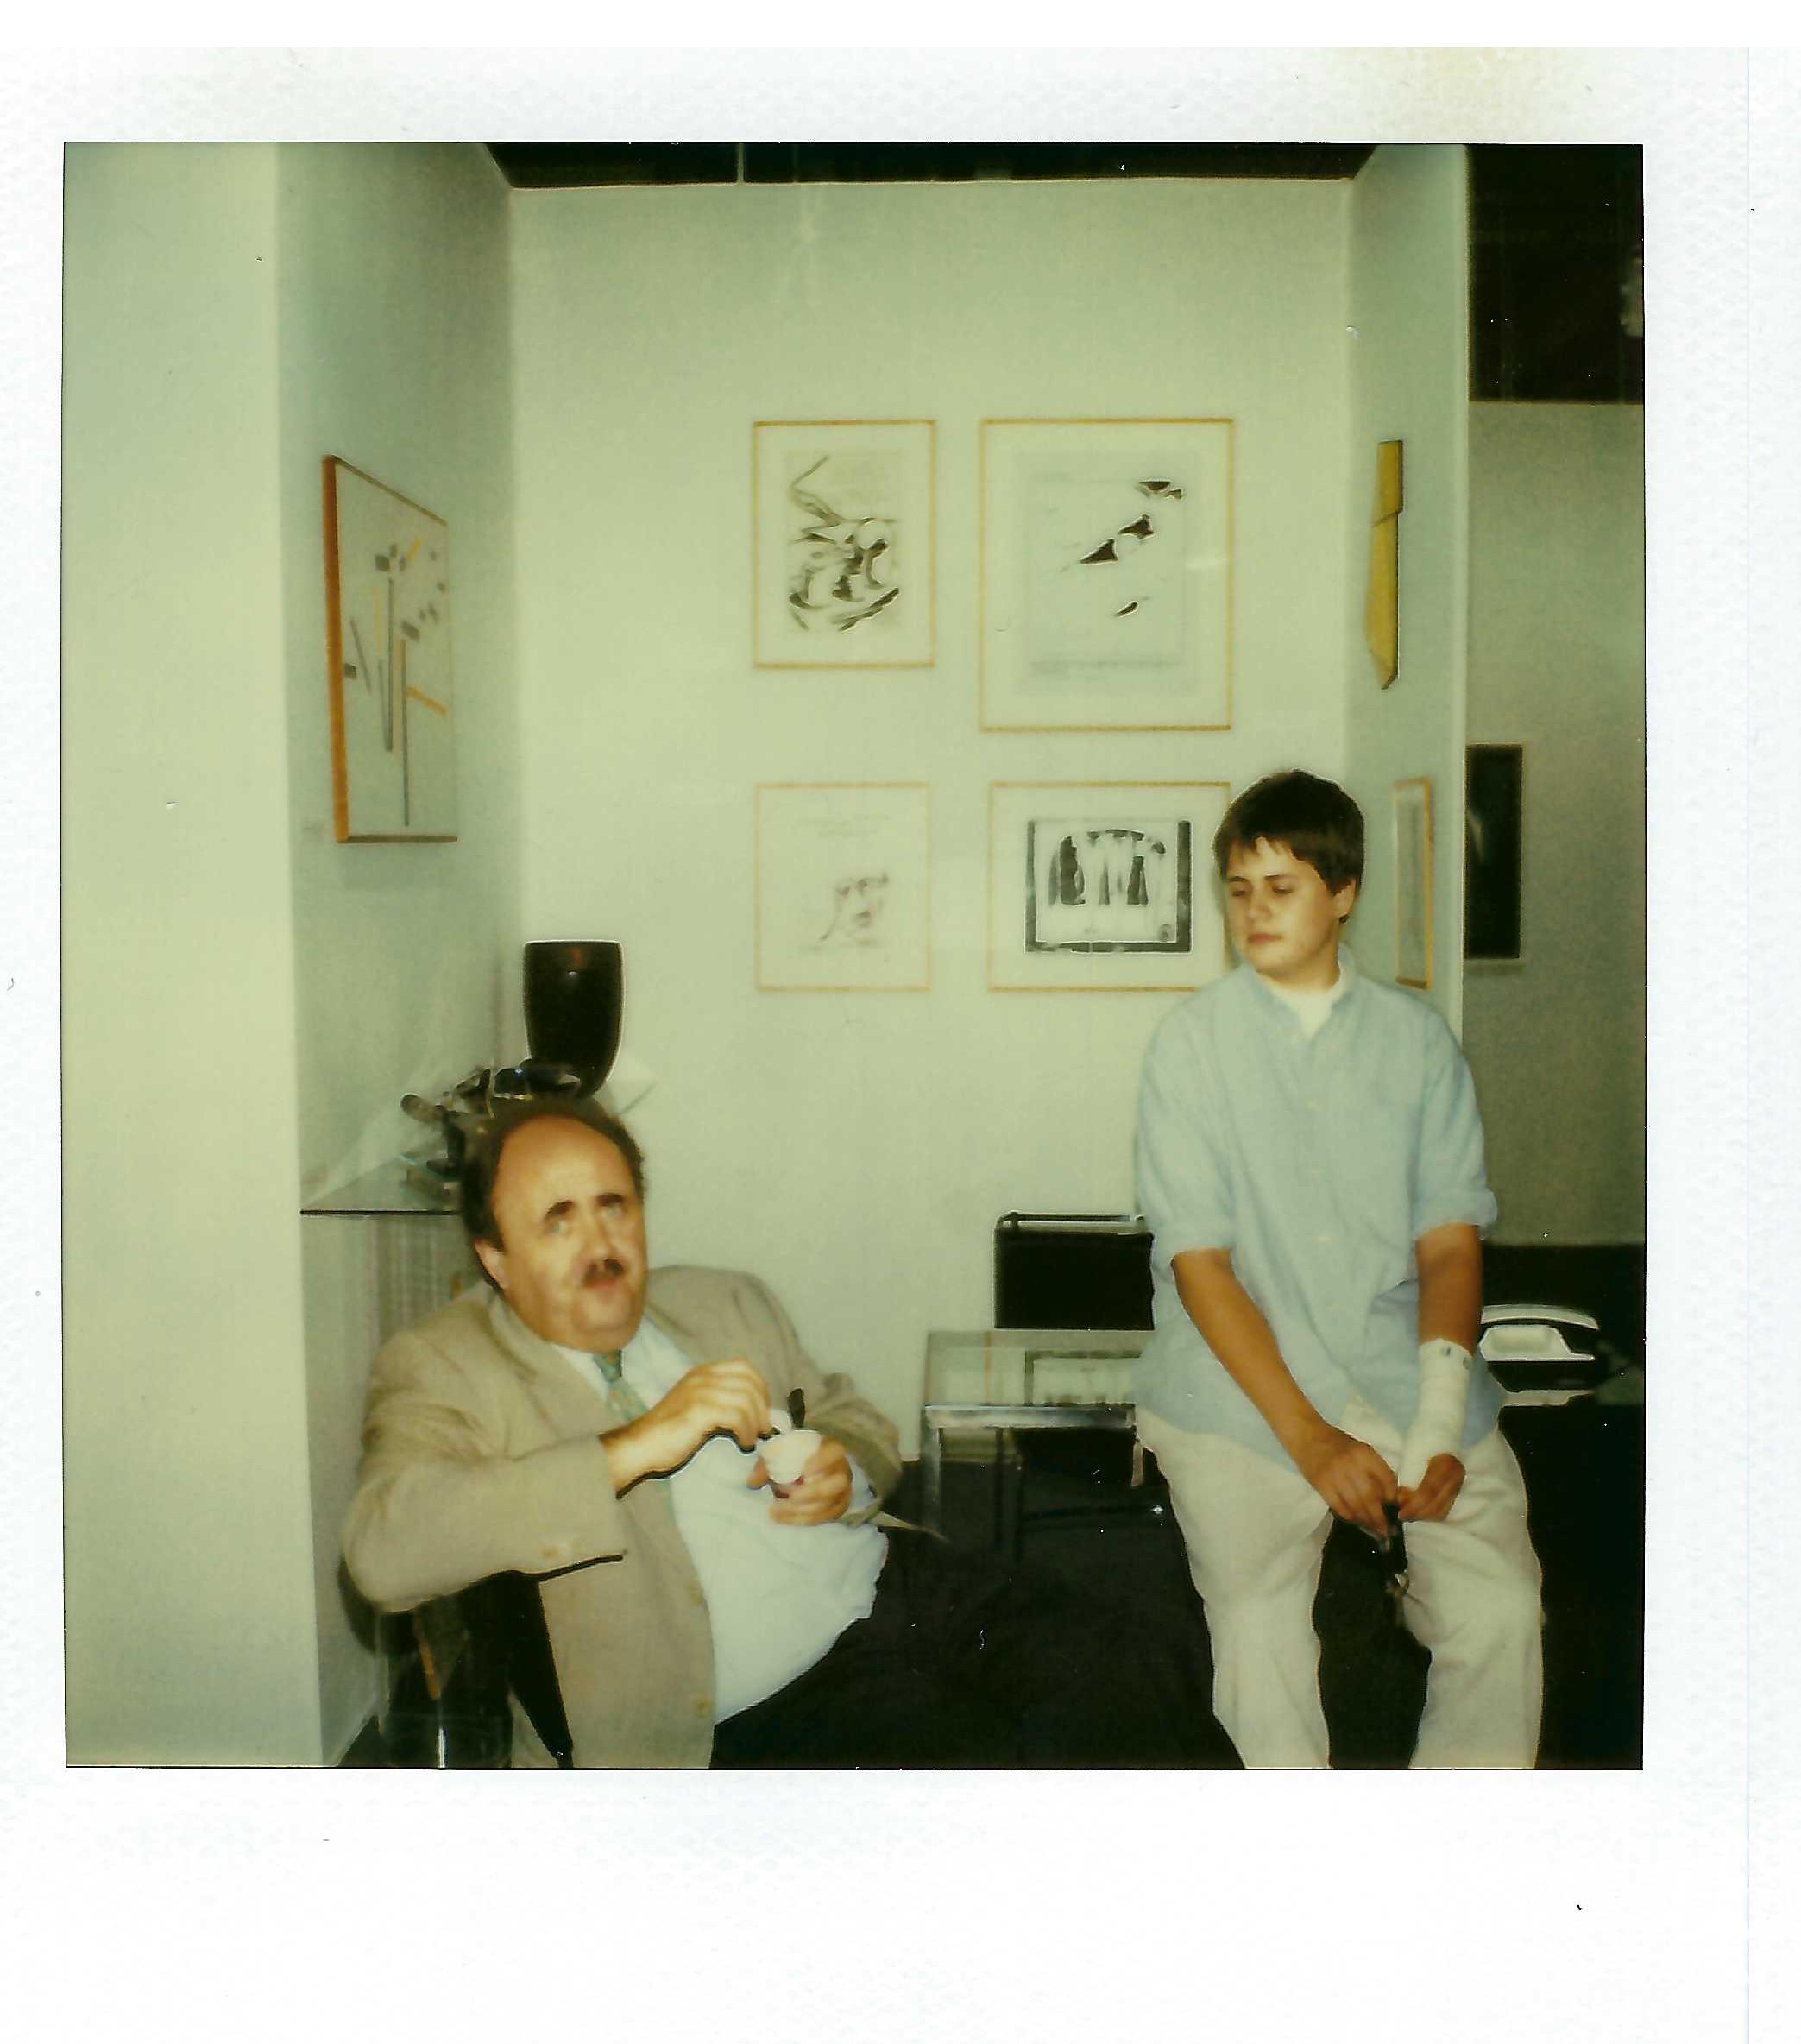 1995 mikistefan